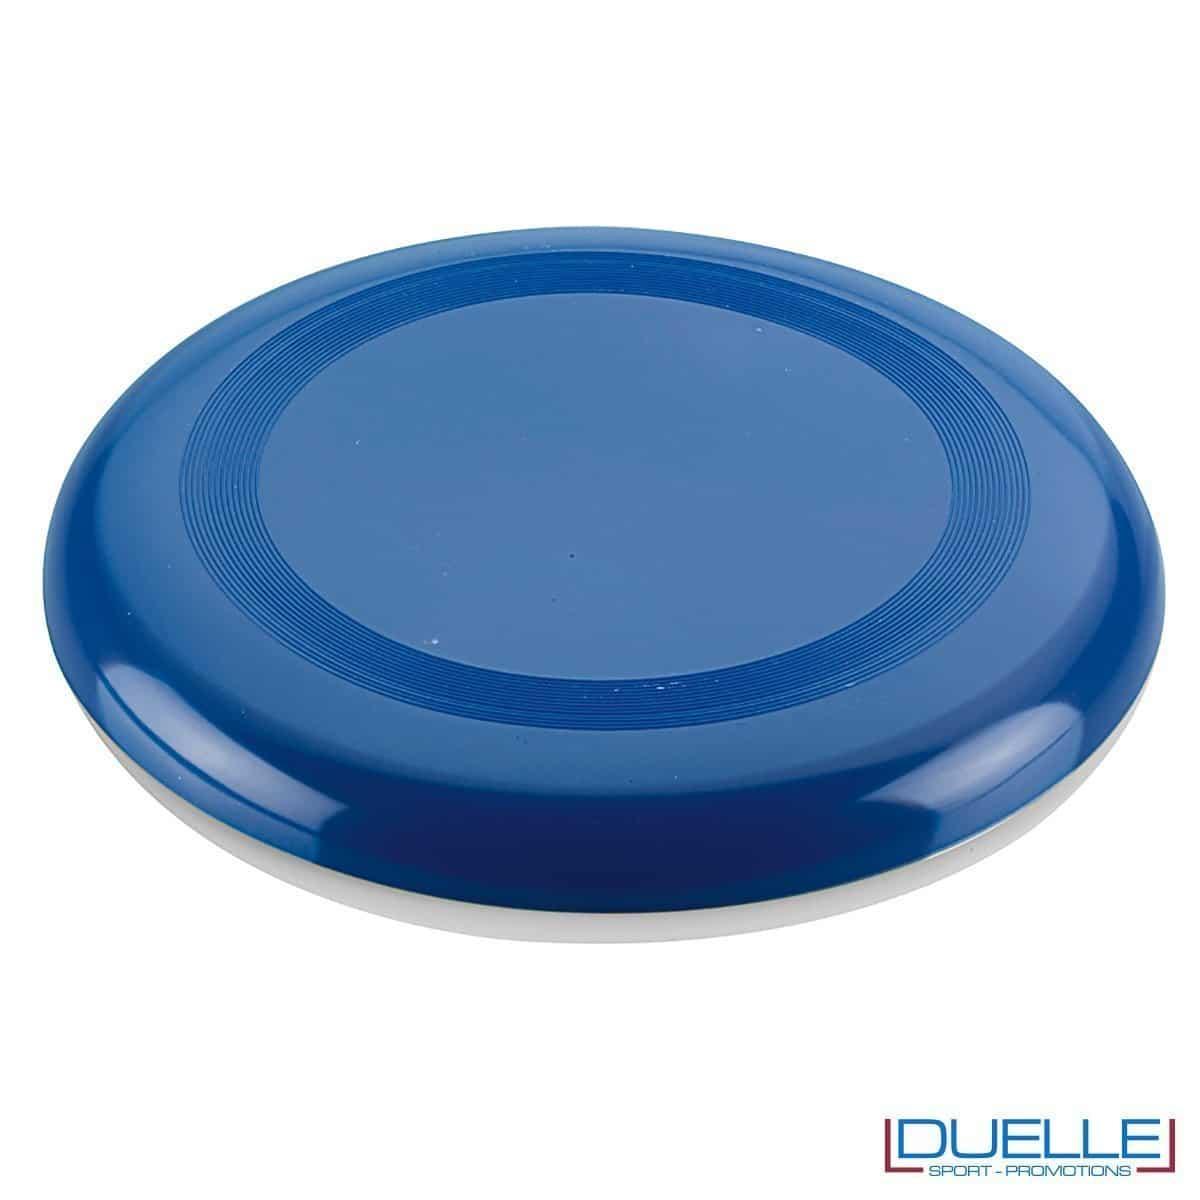 Frisbee personalizzato blu, gadget mare promozionali, gadget spiaggia personalizzati